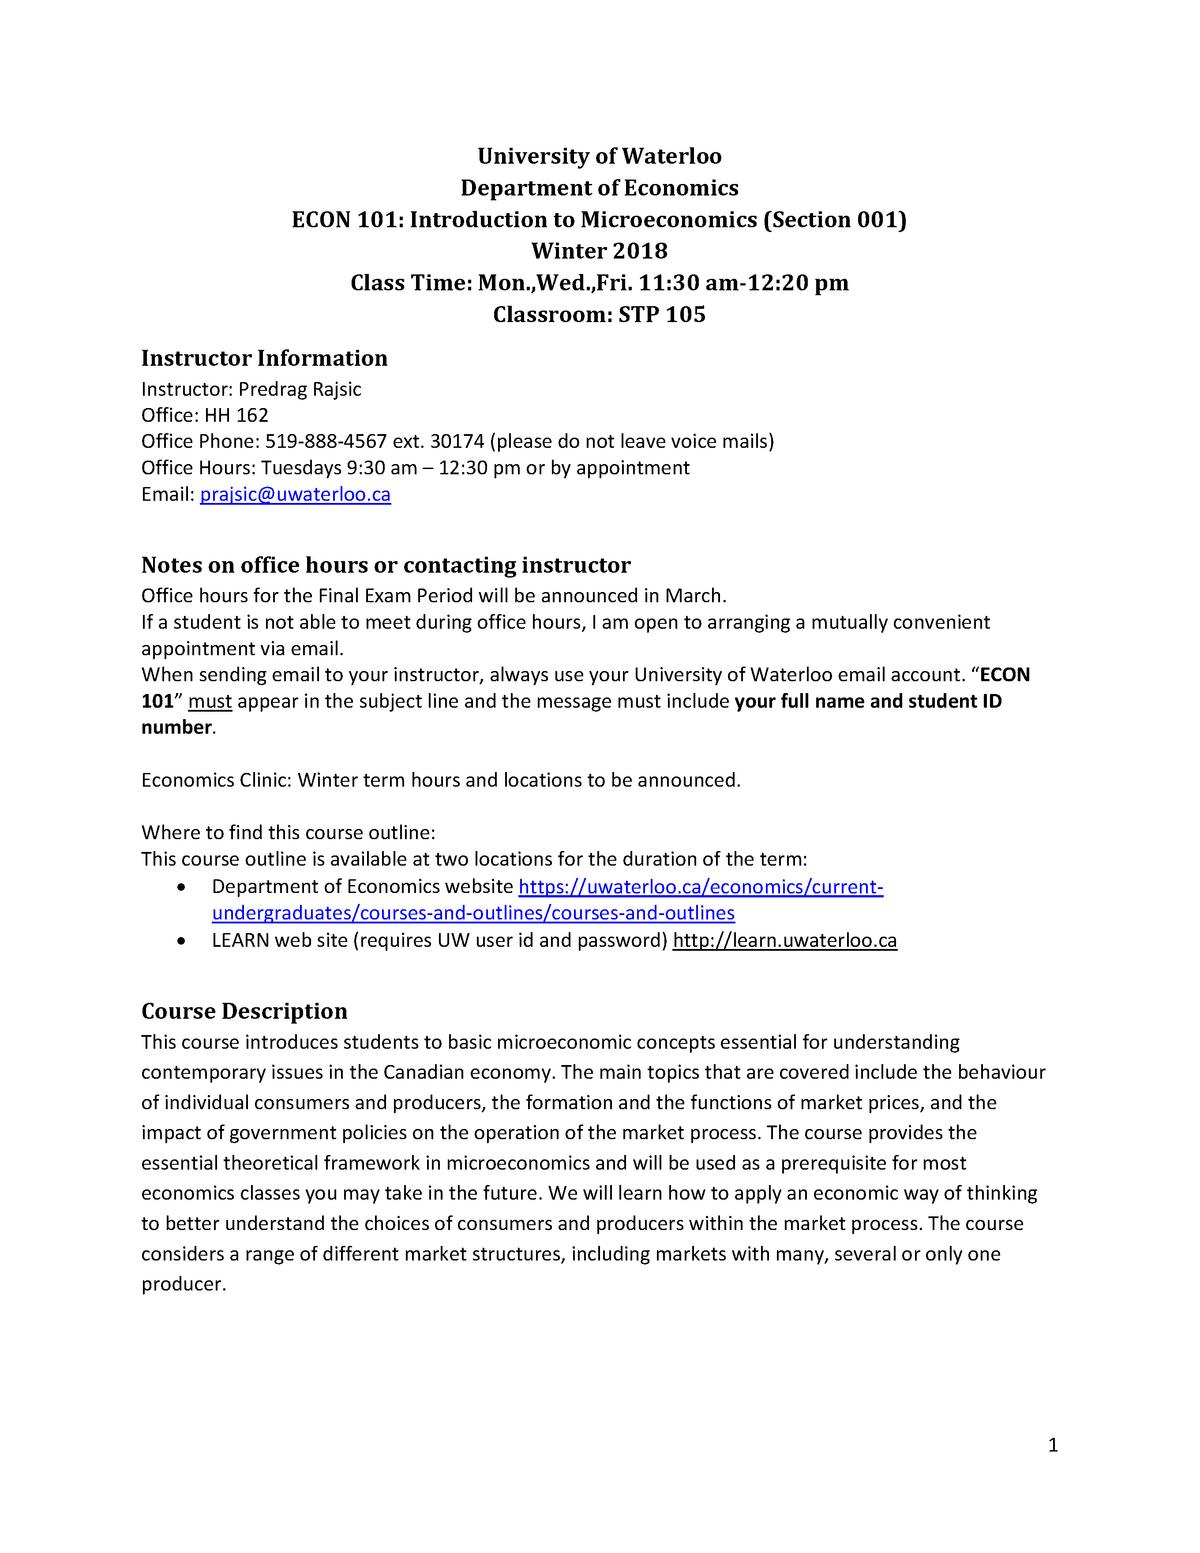 Econ 101 001 w18 - Econ 101: Intro to Microeconomics - StuDocu